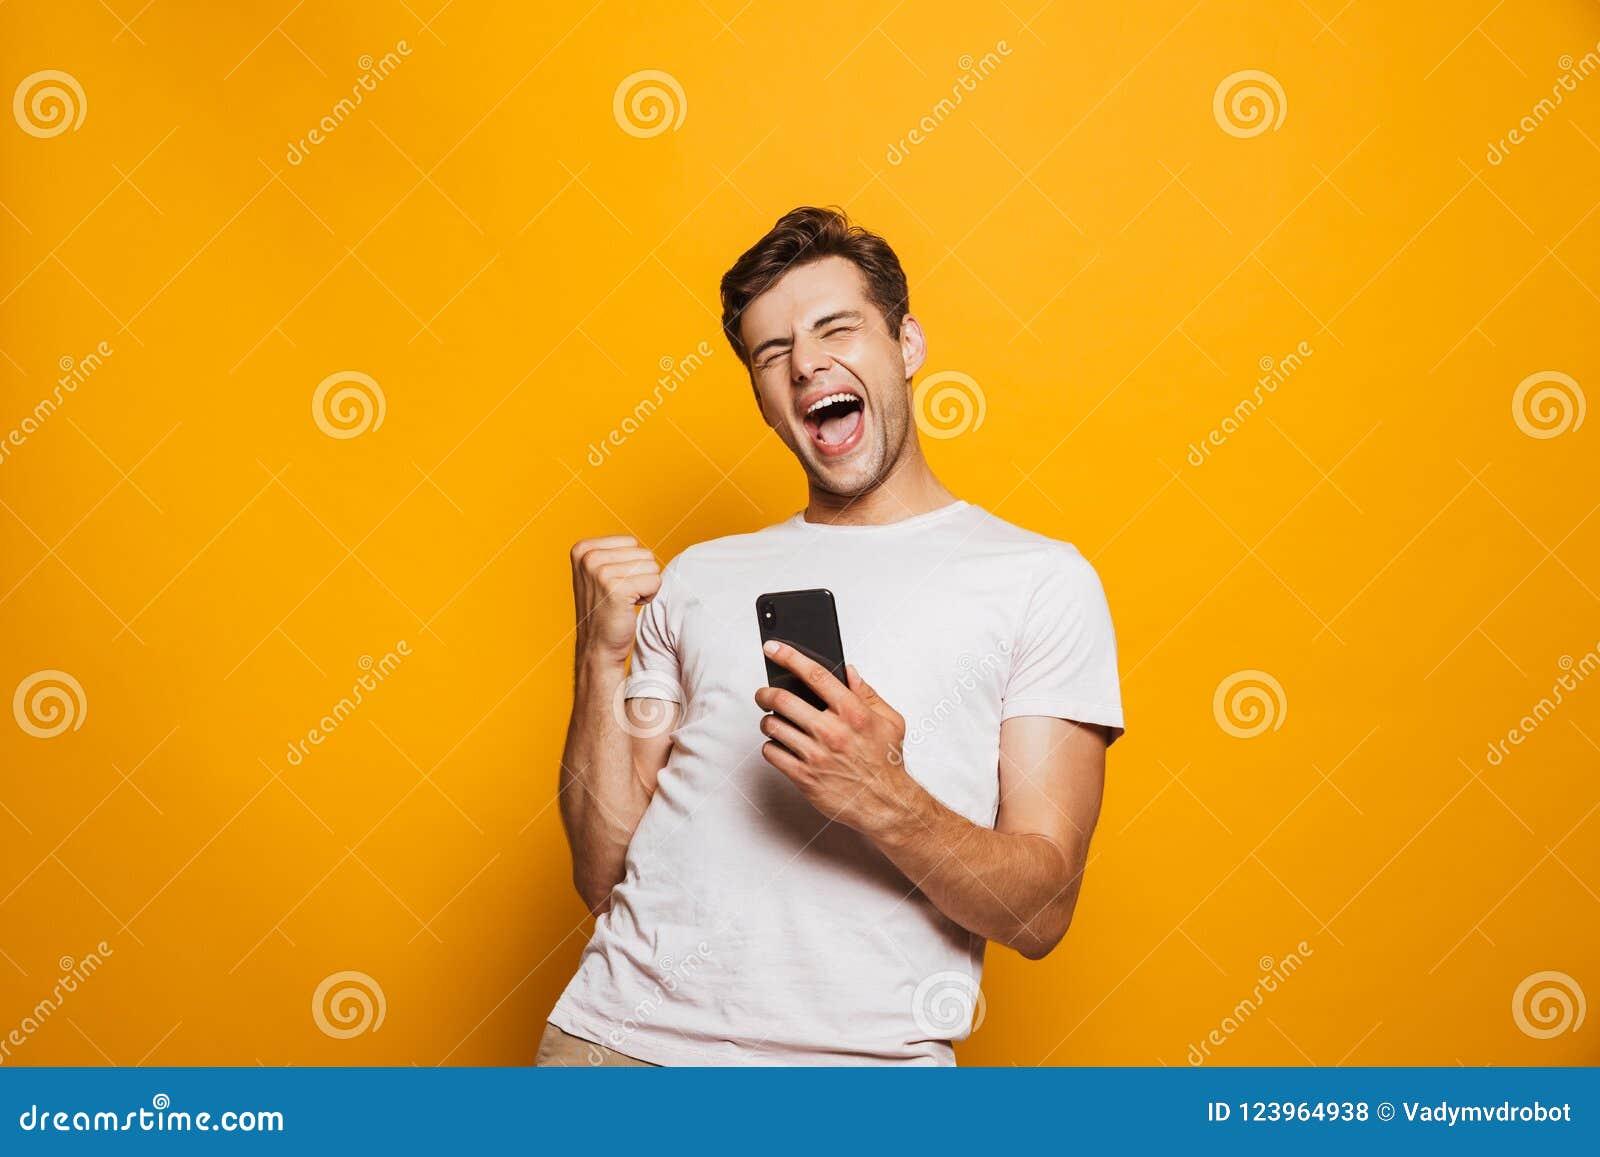 Portret radosny młodego człowieka mienia telefon komórkowy